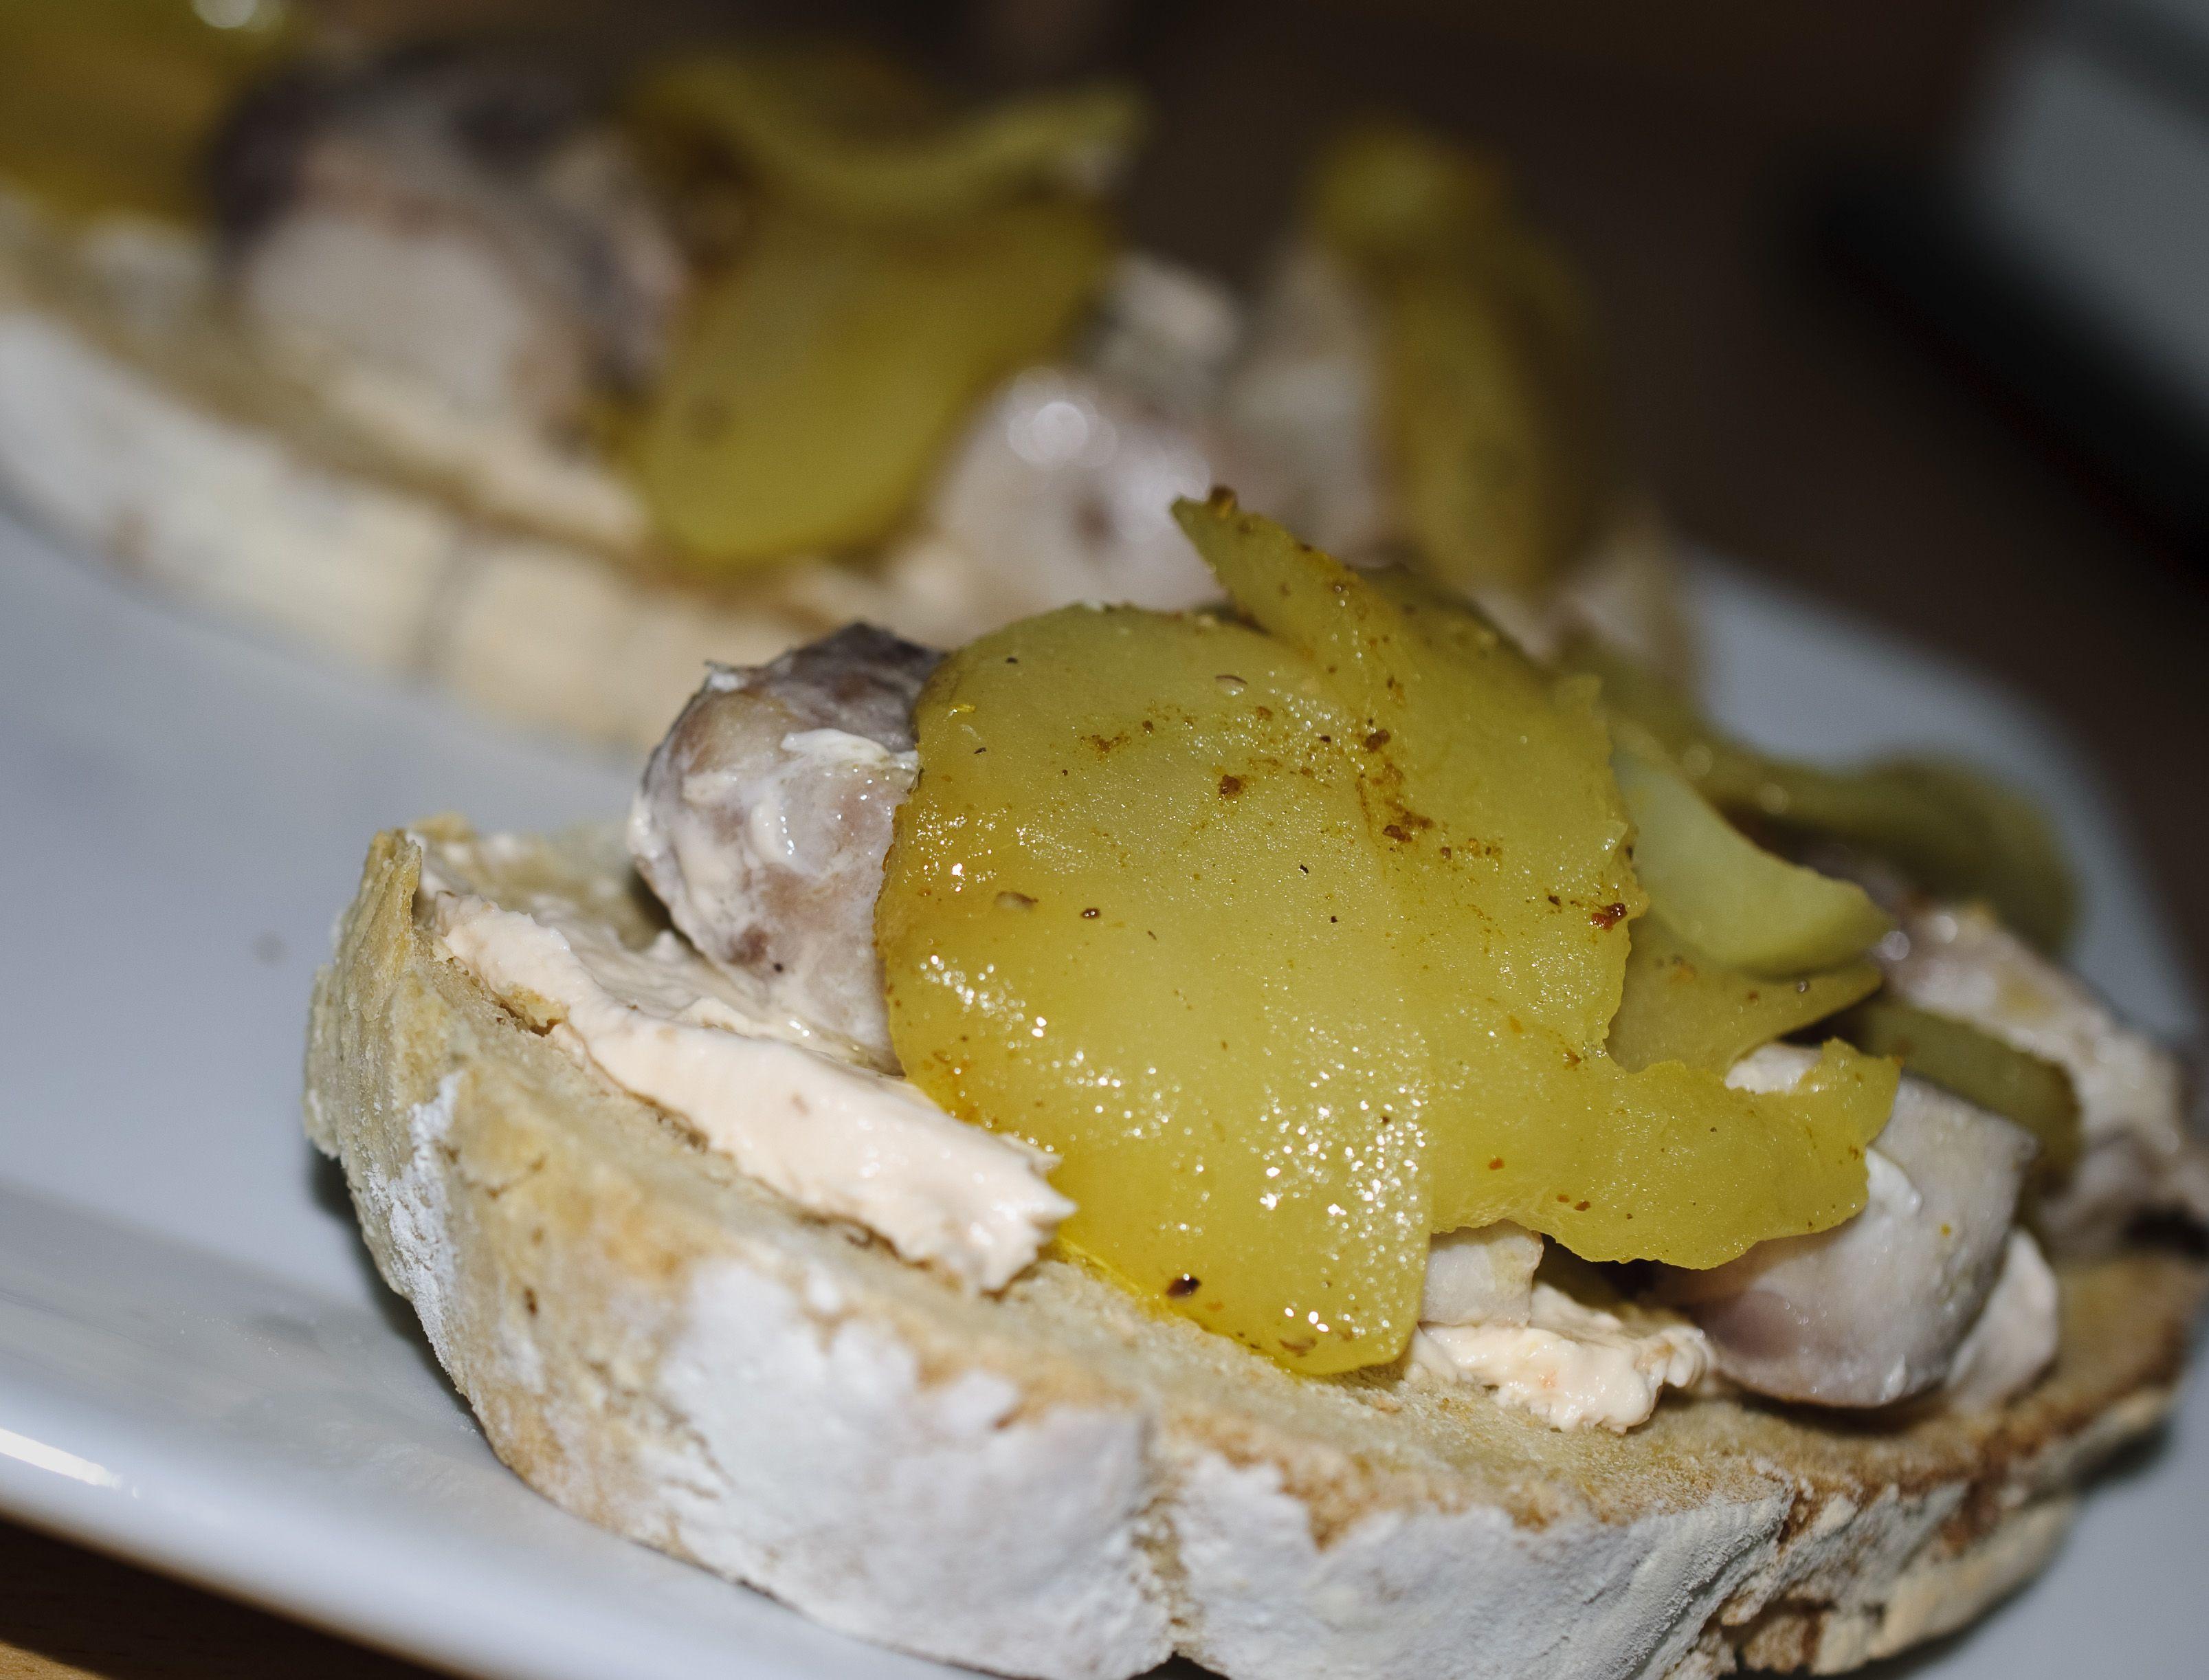 Tostas de bonito y manzana. Un buen pan de hogaza, crujiente, manzana pochada y bonito en dados salteado... una combinacion genial.